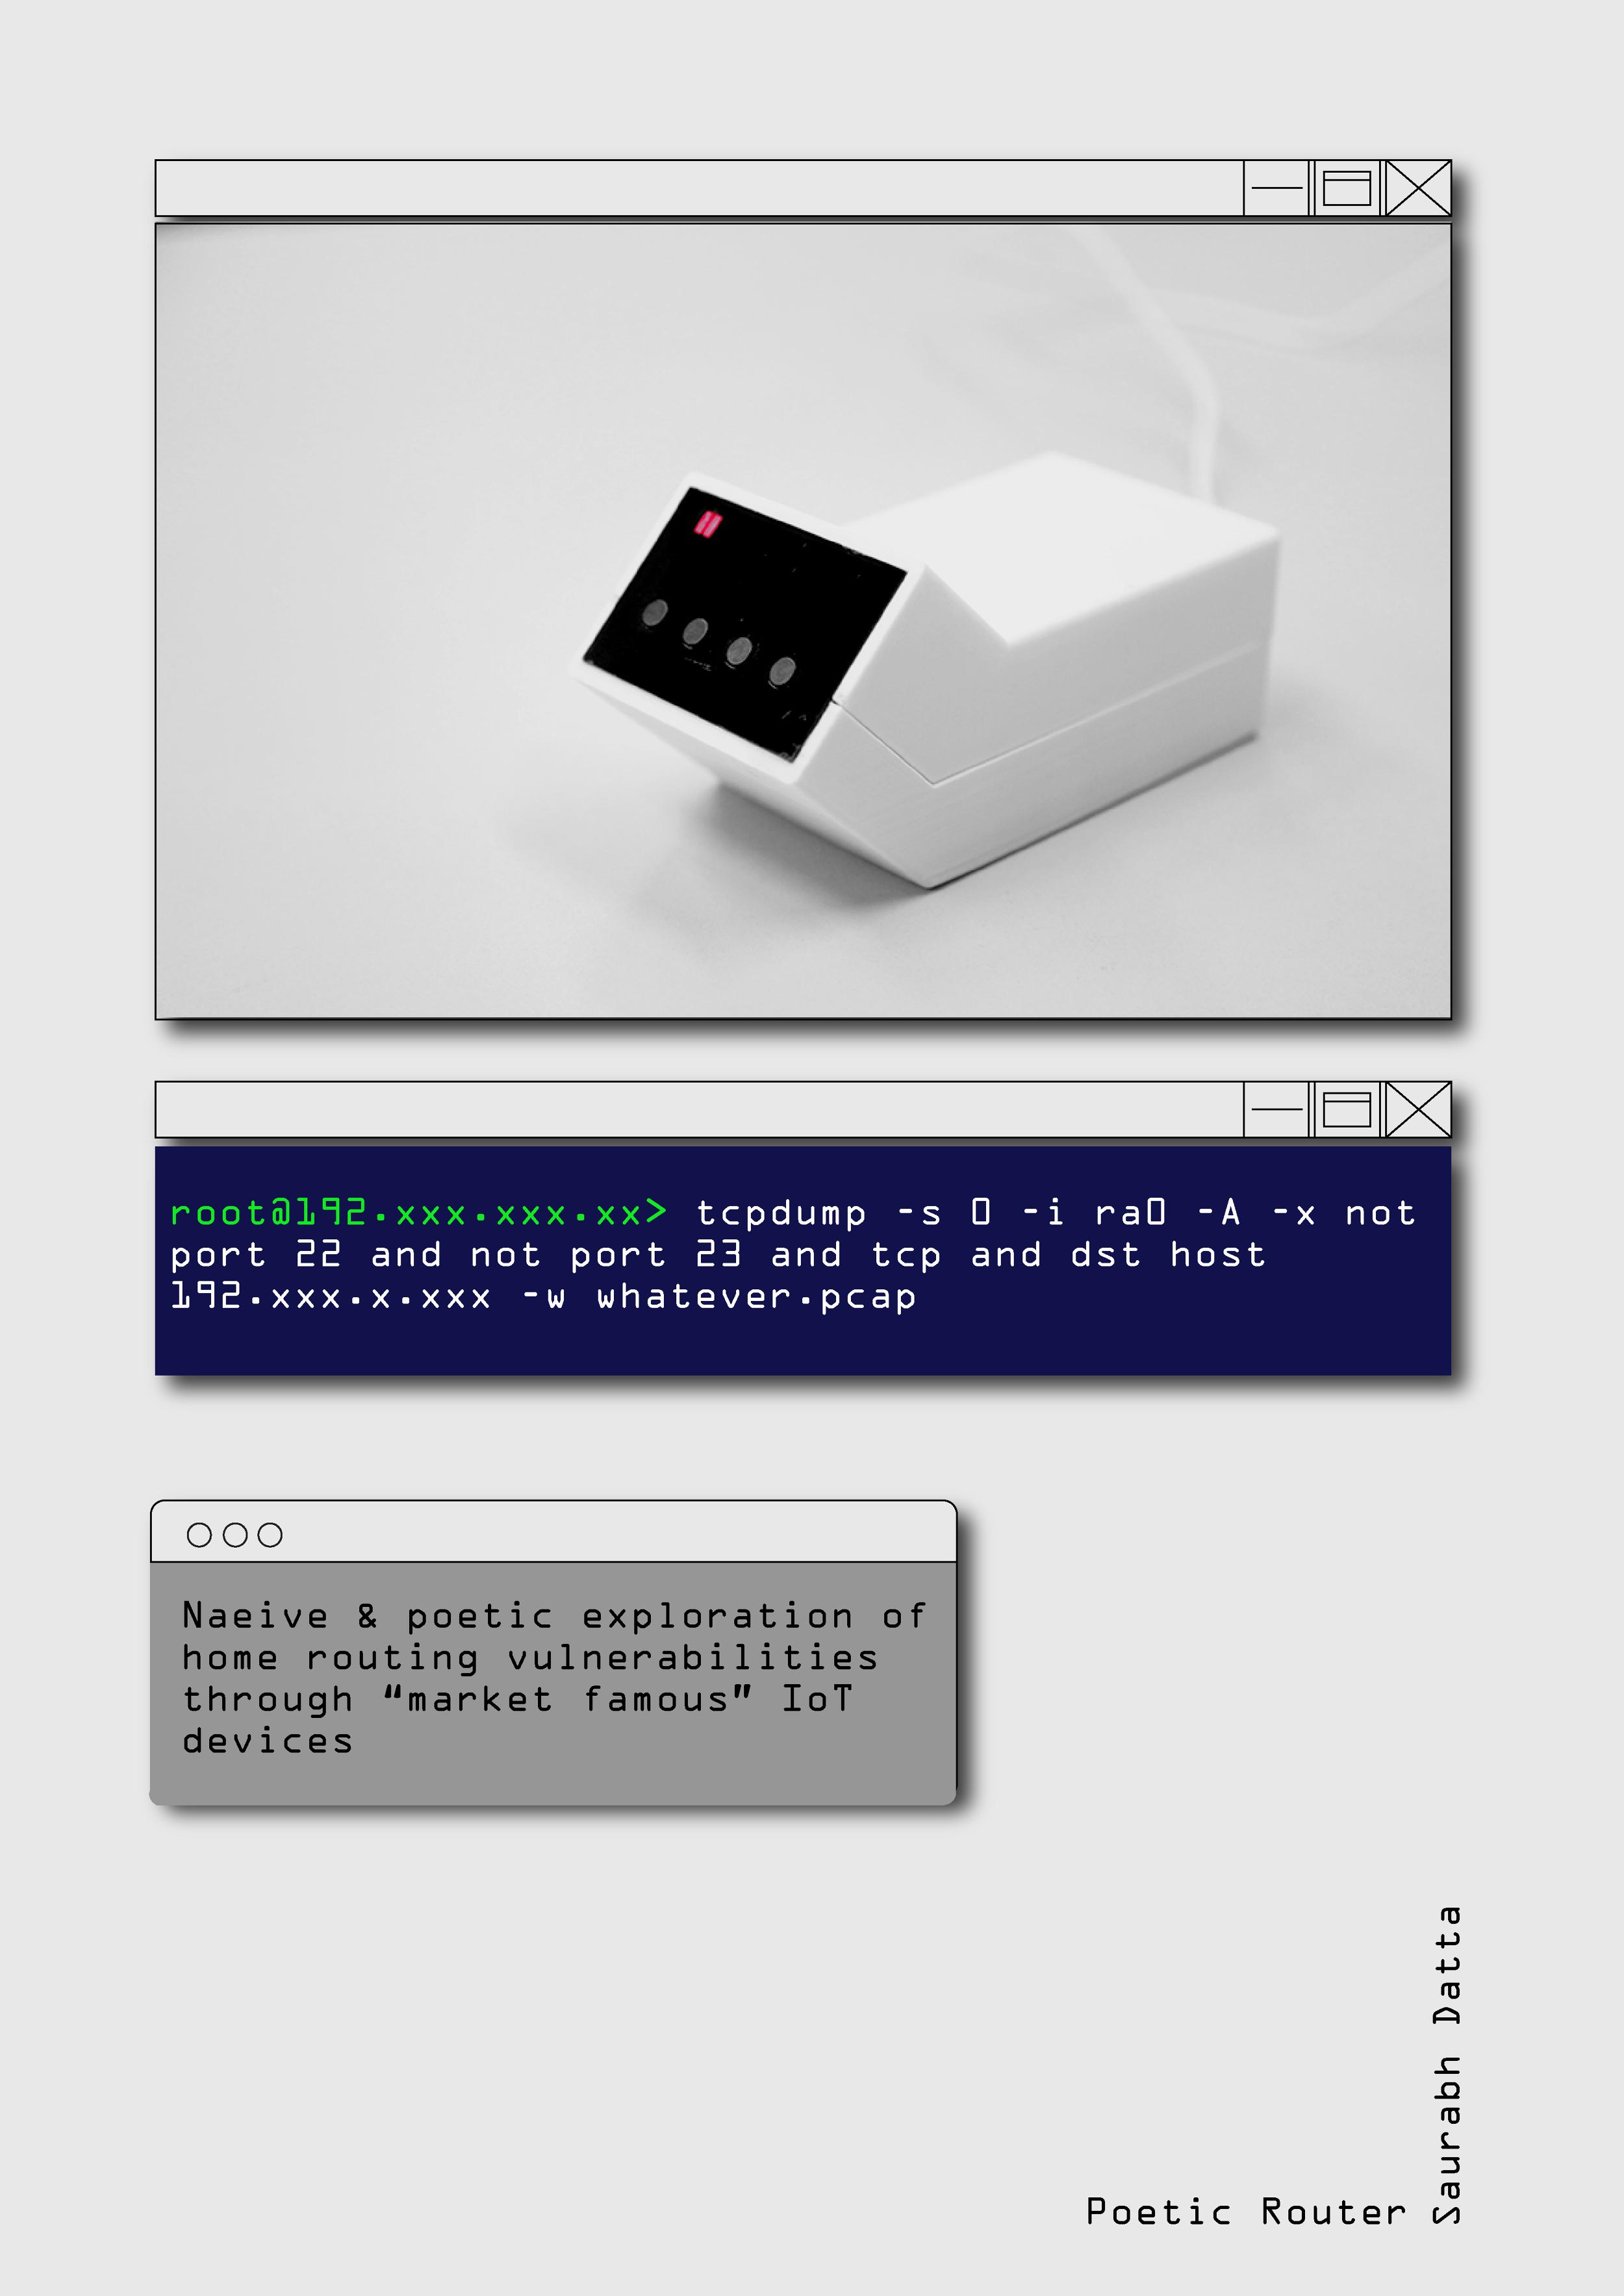 Poetic router - dattasaurabh82 com